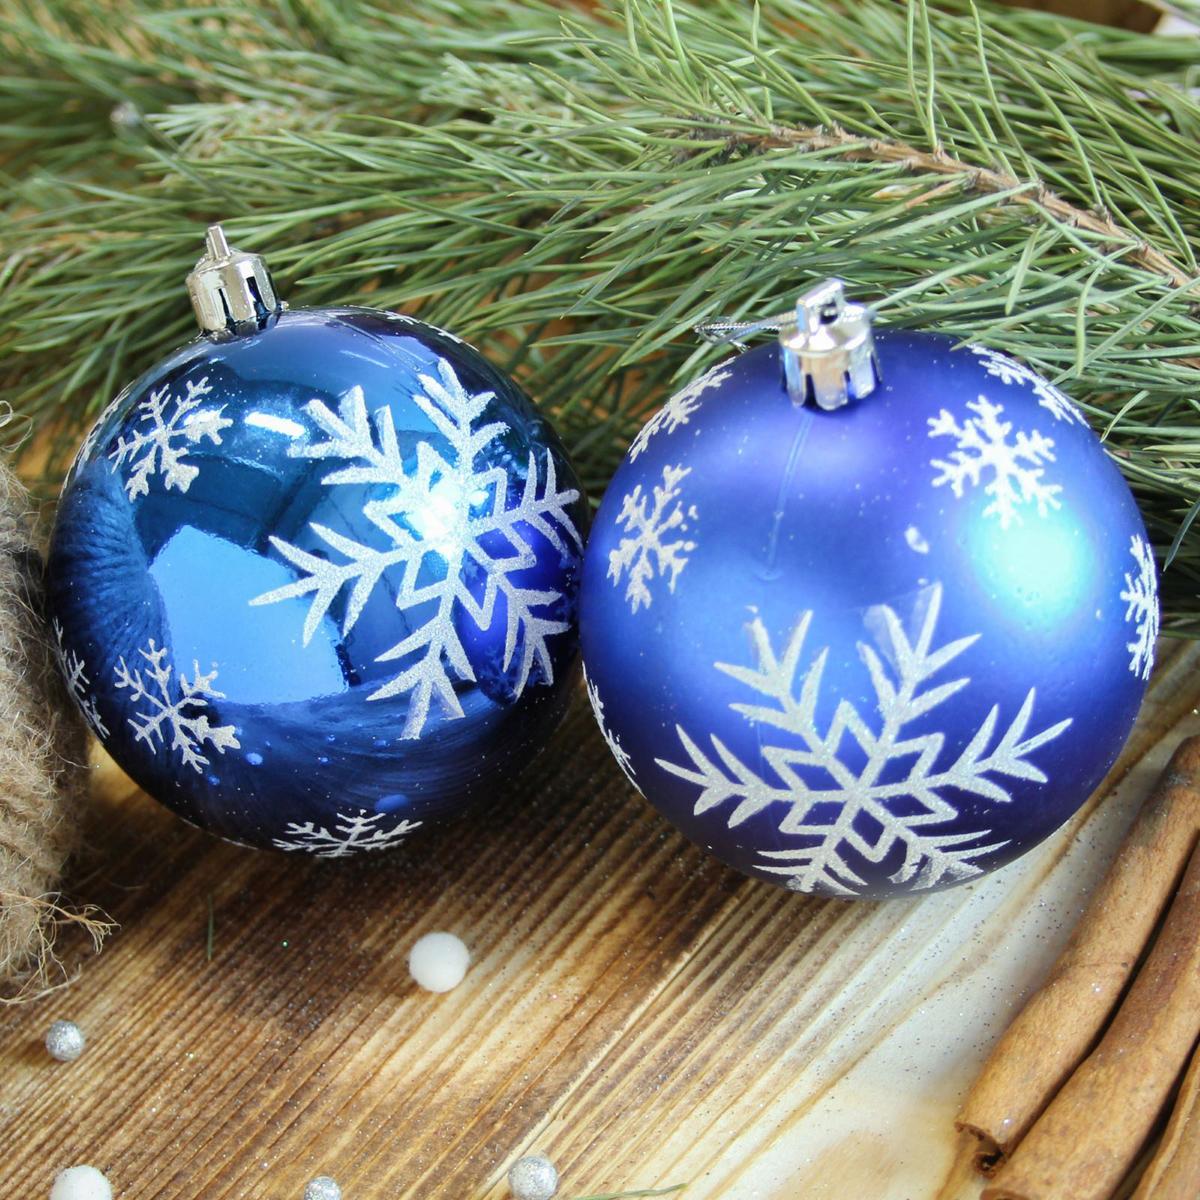 Набор новогодних подвесных украшений Sima-land Снегопад, цвет: синий, диаметр 8 см, 6 шт2122964Набор новогодних подвесных украшений Sima-land отлично подойдет для декорации вашего дома и новогодней ели. С помощью специальной петельки украшение можно повесить в любом понравившемся вам месте. Но, конечно, удачнее всего оно будет смотреться на праздничной елке. Елочная игрушка - символ Нового года. Она несет в себе волшебство и красоту праздника. Создайте в своем доме атмосферу веселья и радости, украшая новогоднюю елку нарядными игрушками, которые будут из года в год накапливать теплоту воспоминаний.